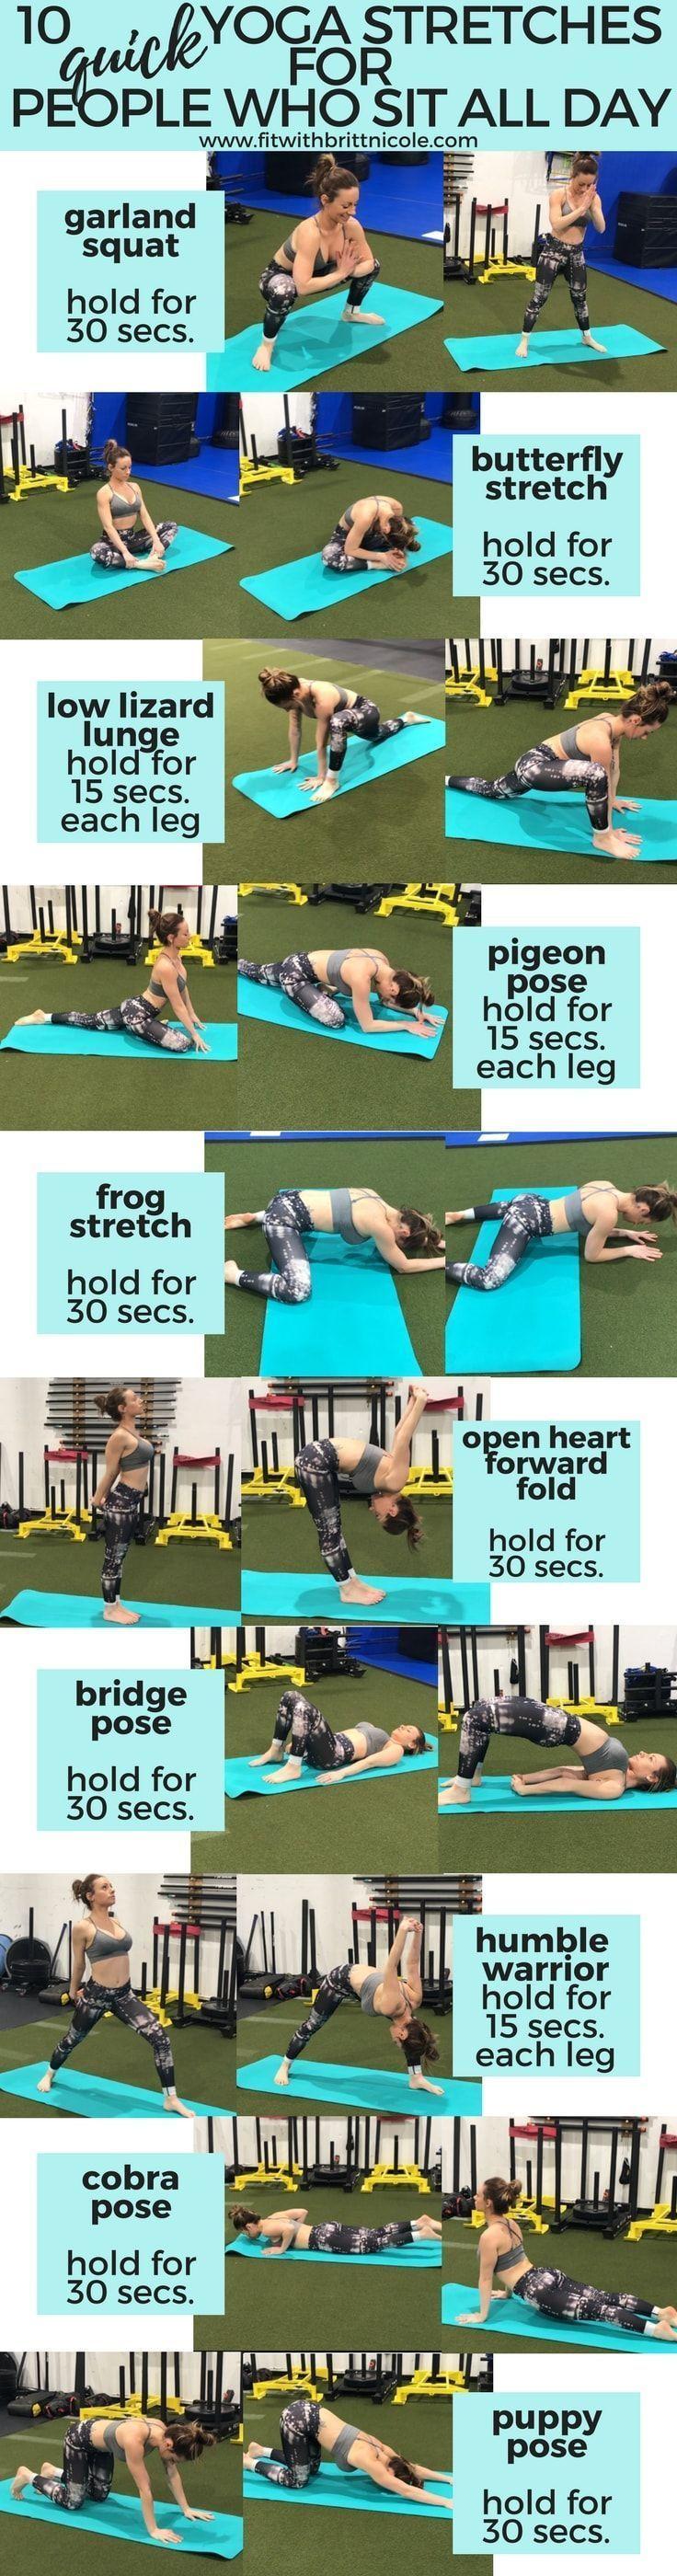 10 schnelle Yoga-Routen für Frauen, die den ganzen Tag sitzen - Yoga & Fitness #durch #Entgiftung #f...